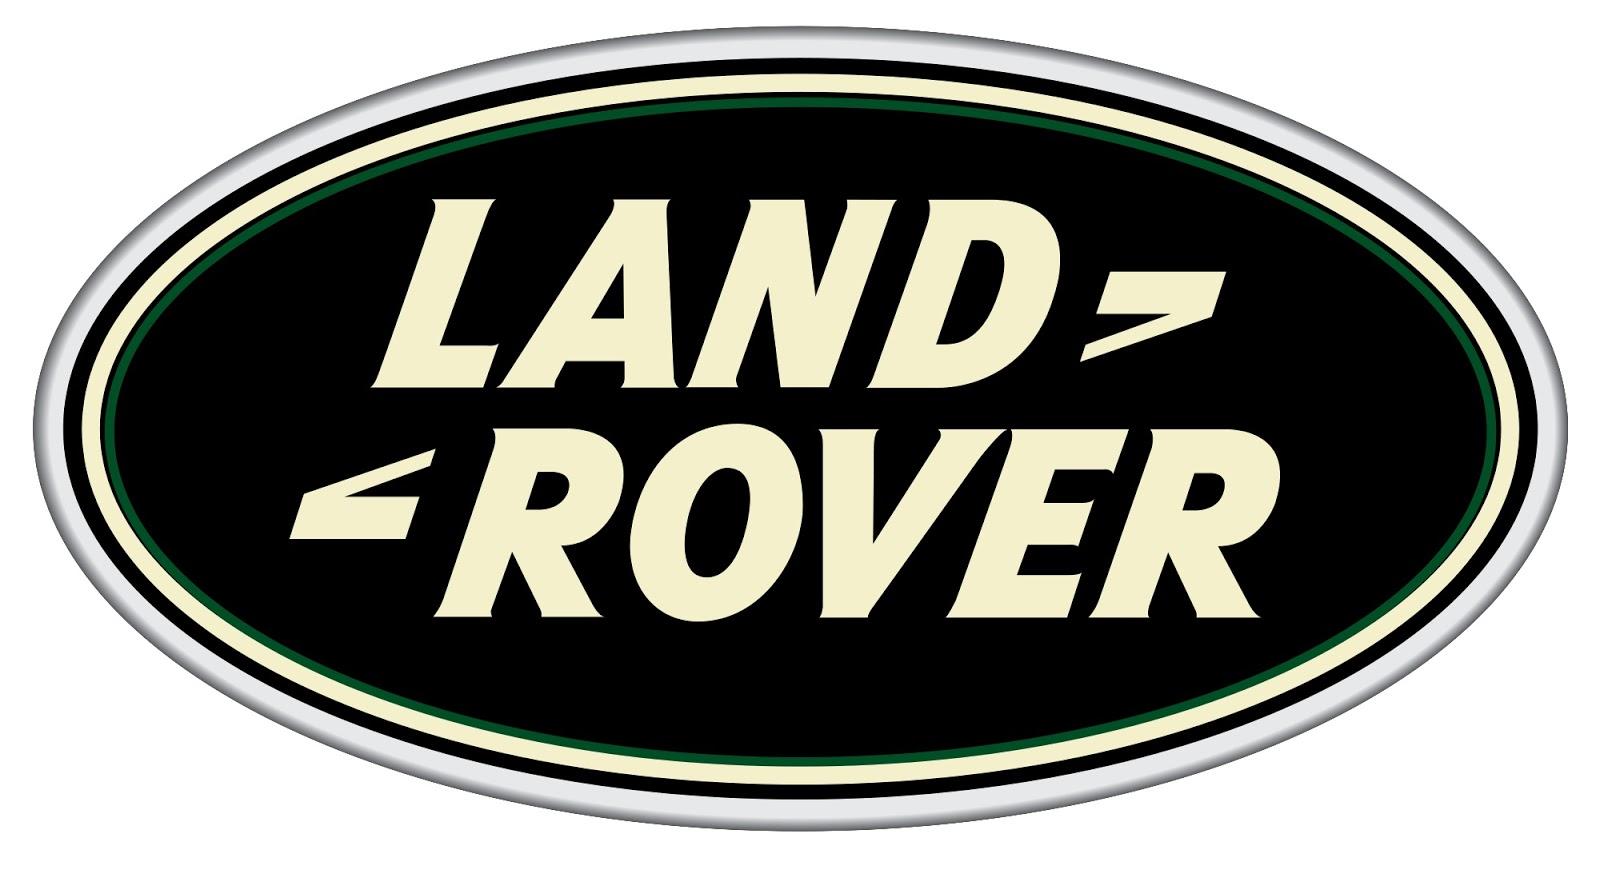 land rover logo. Black Bedroom Furniture Sets. Home Design Ideas